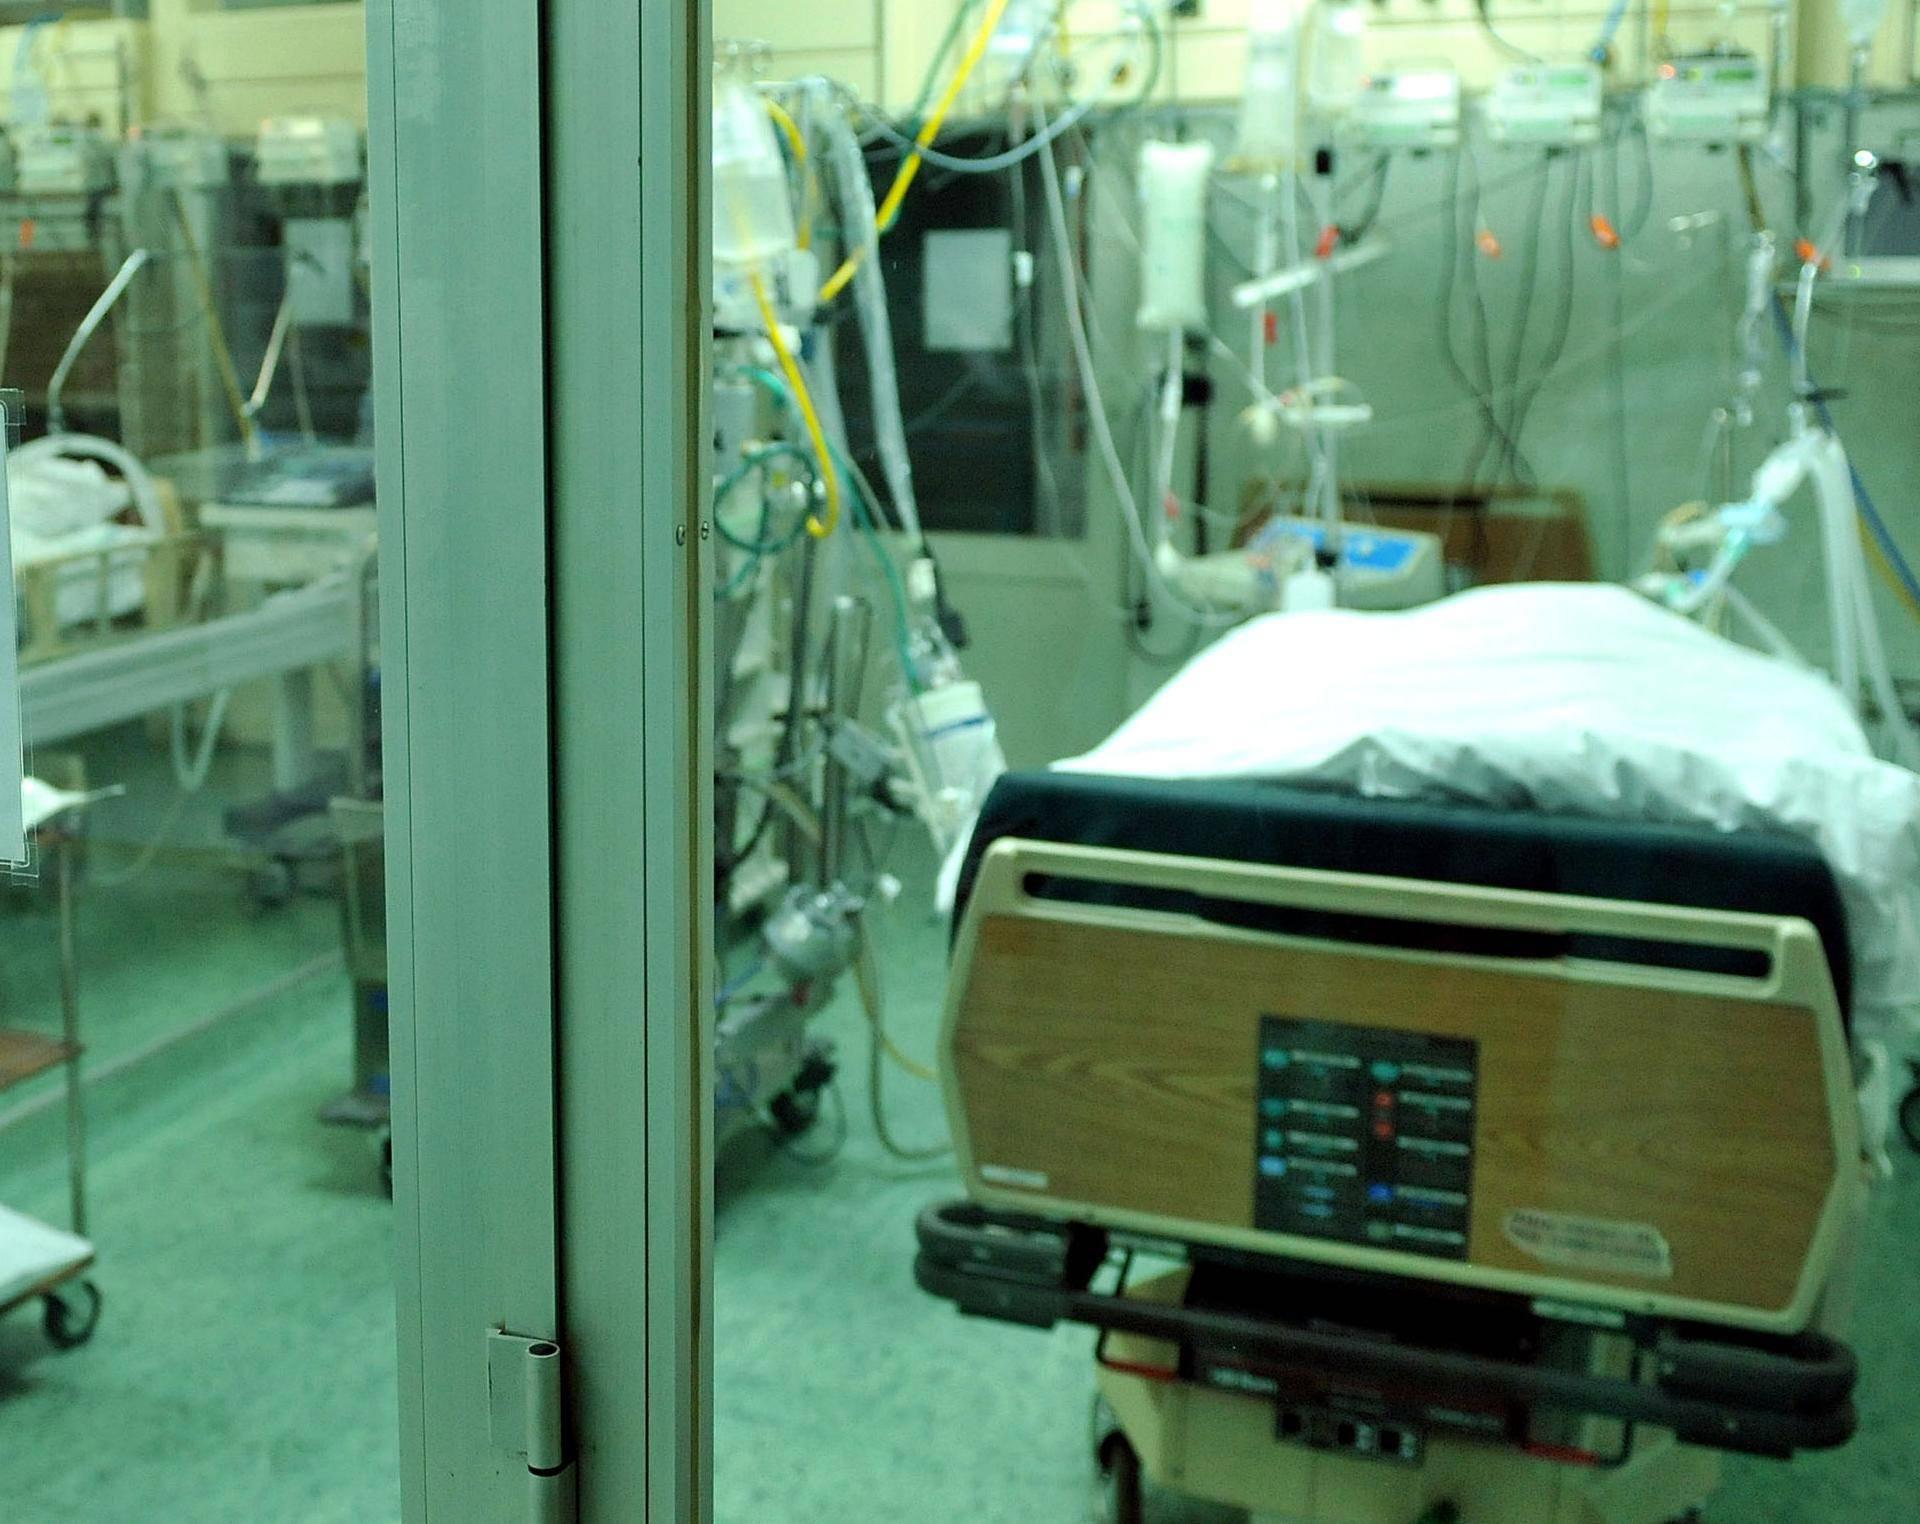 Umro nakon operacije krajnika: 'U nalazima ne piše što je bilo'